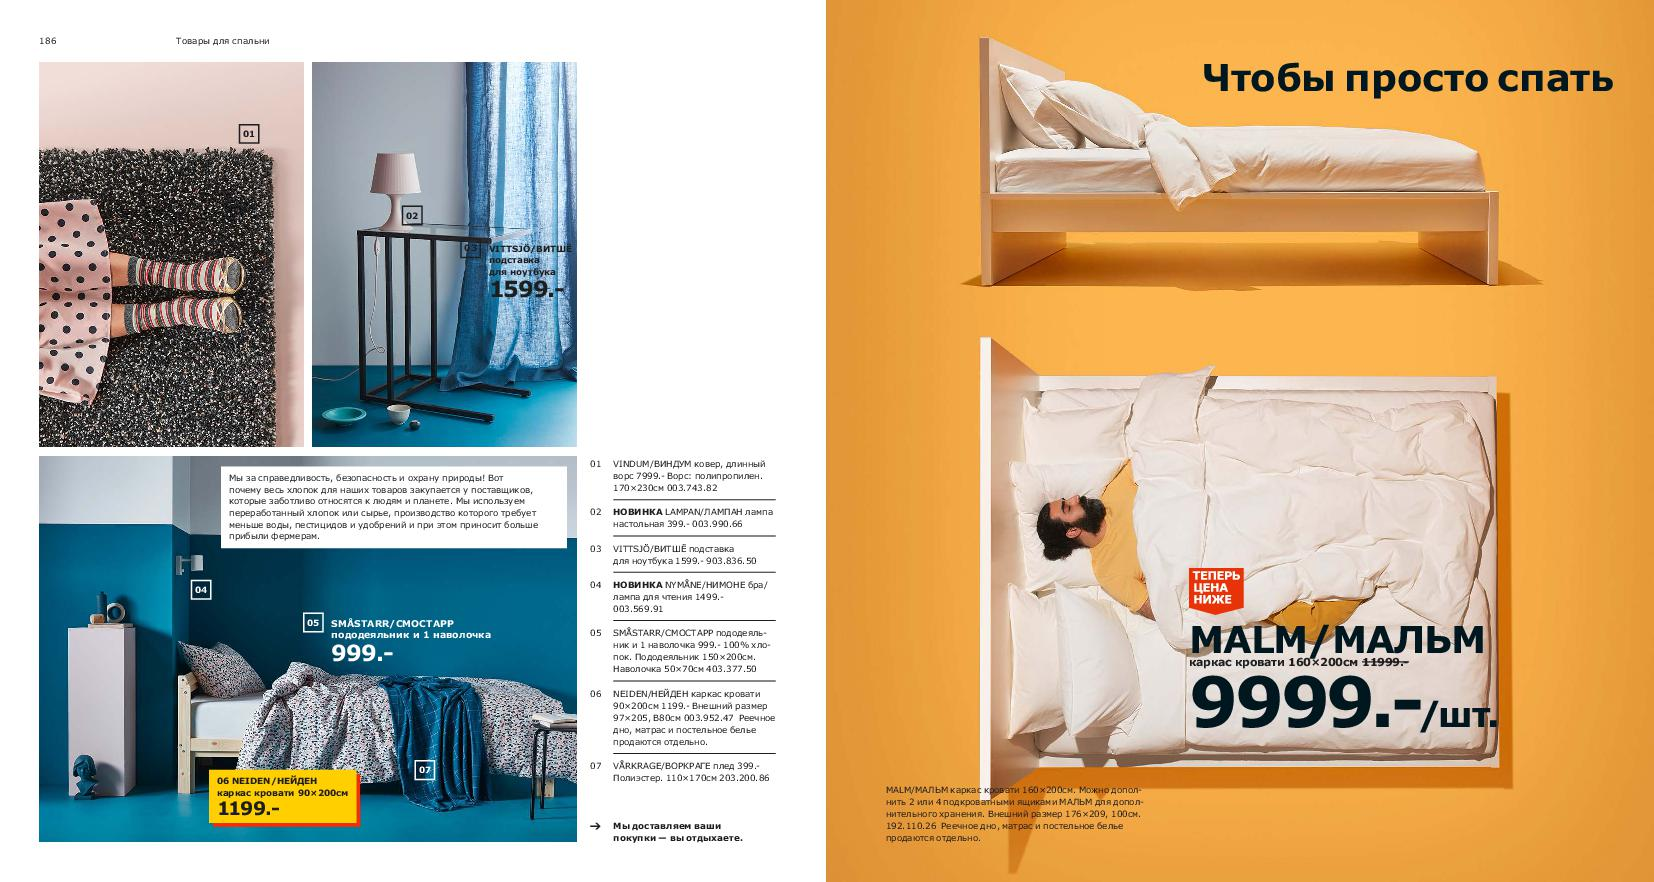 IKEA_catalogue_2019-94